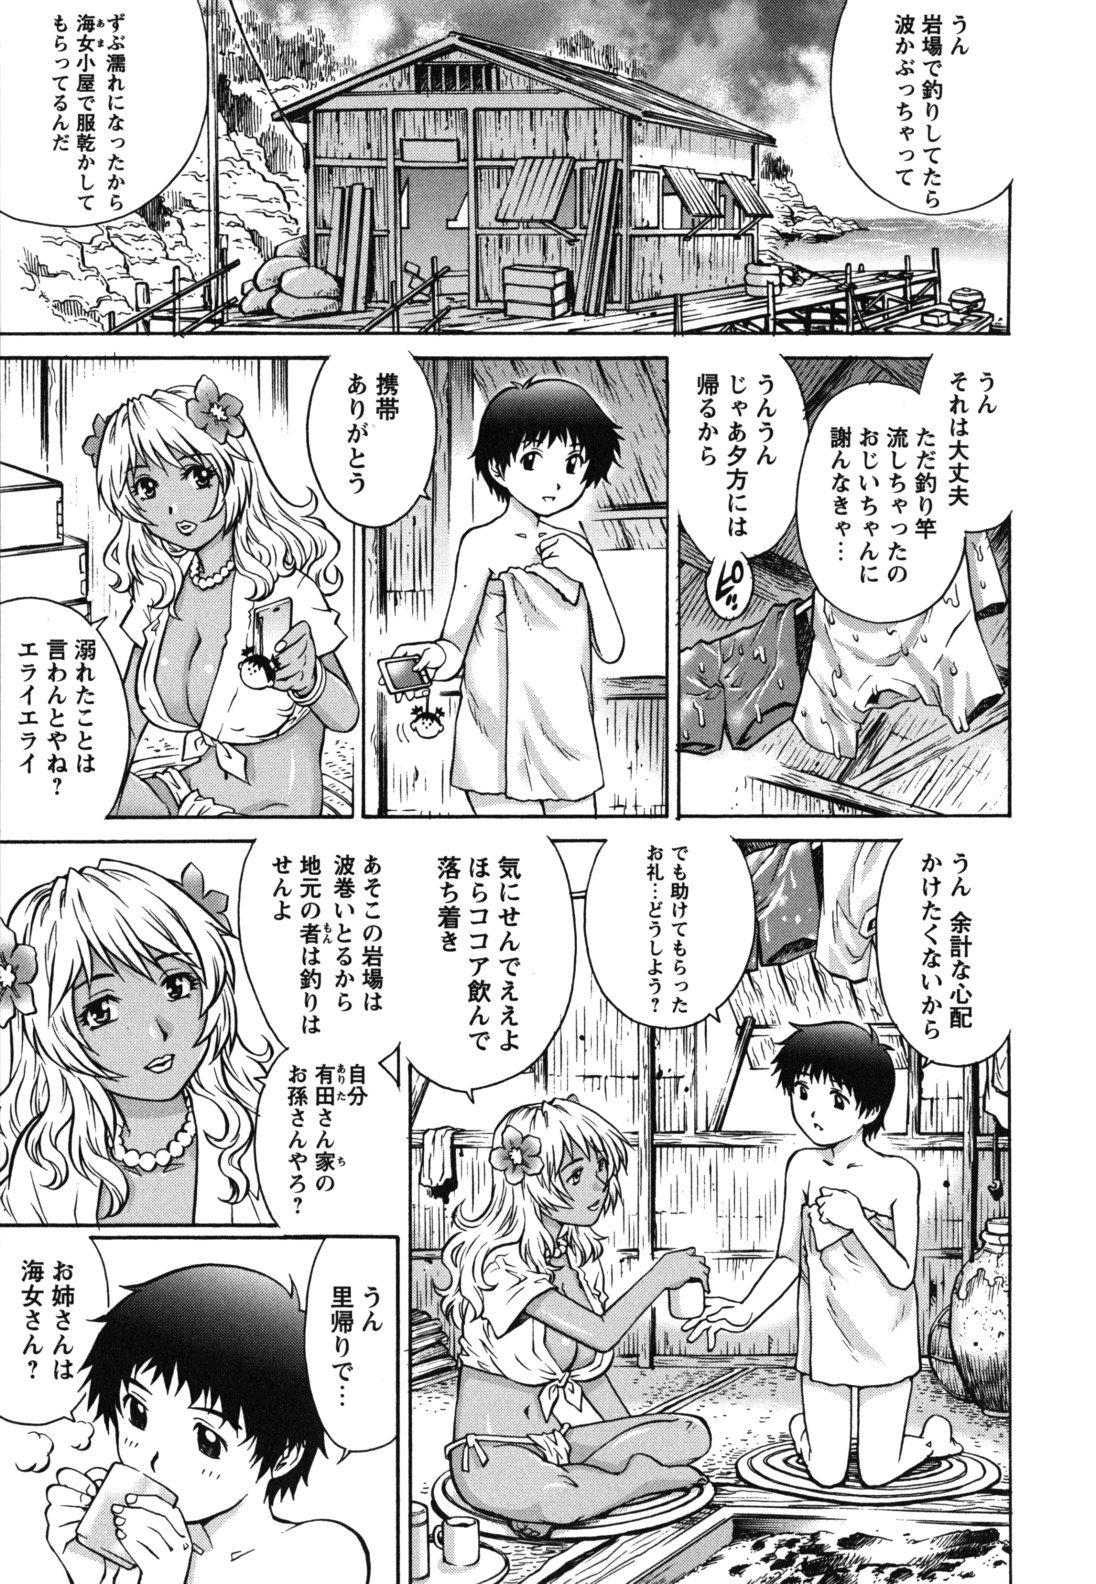 Hajimete no SEX 135